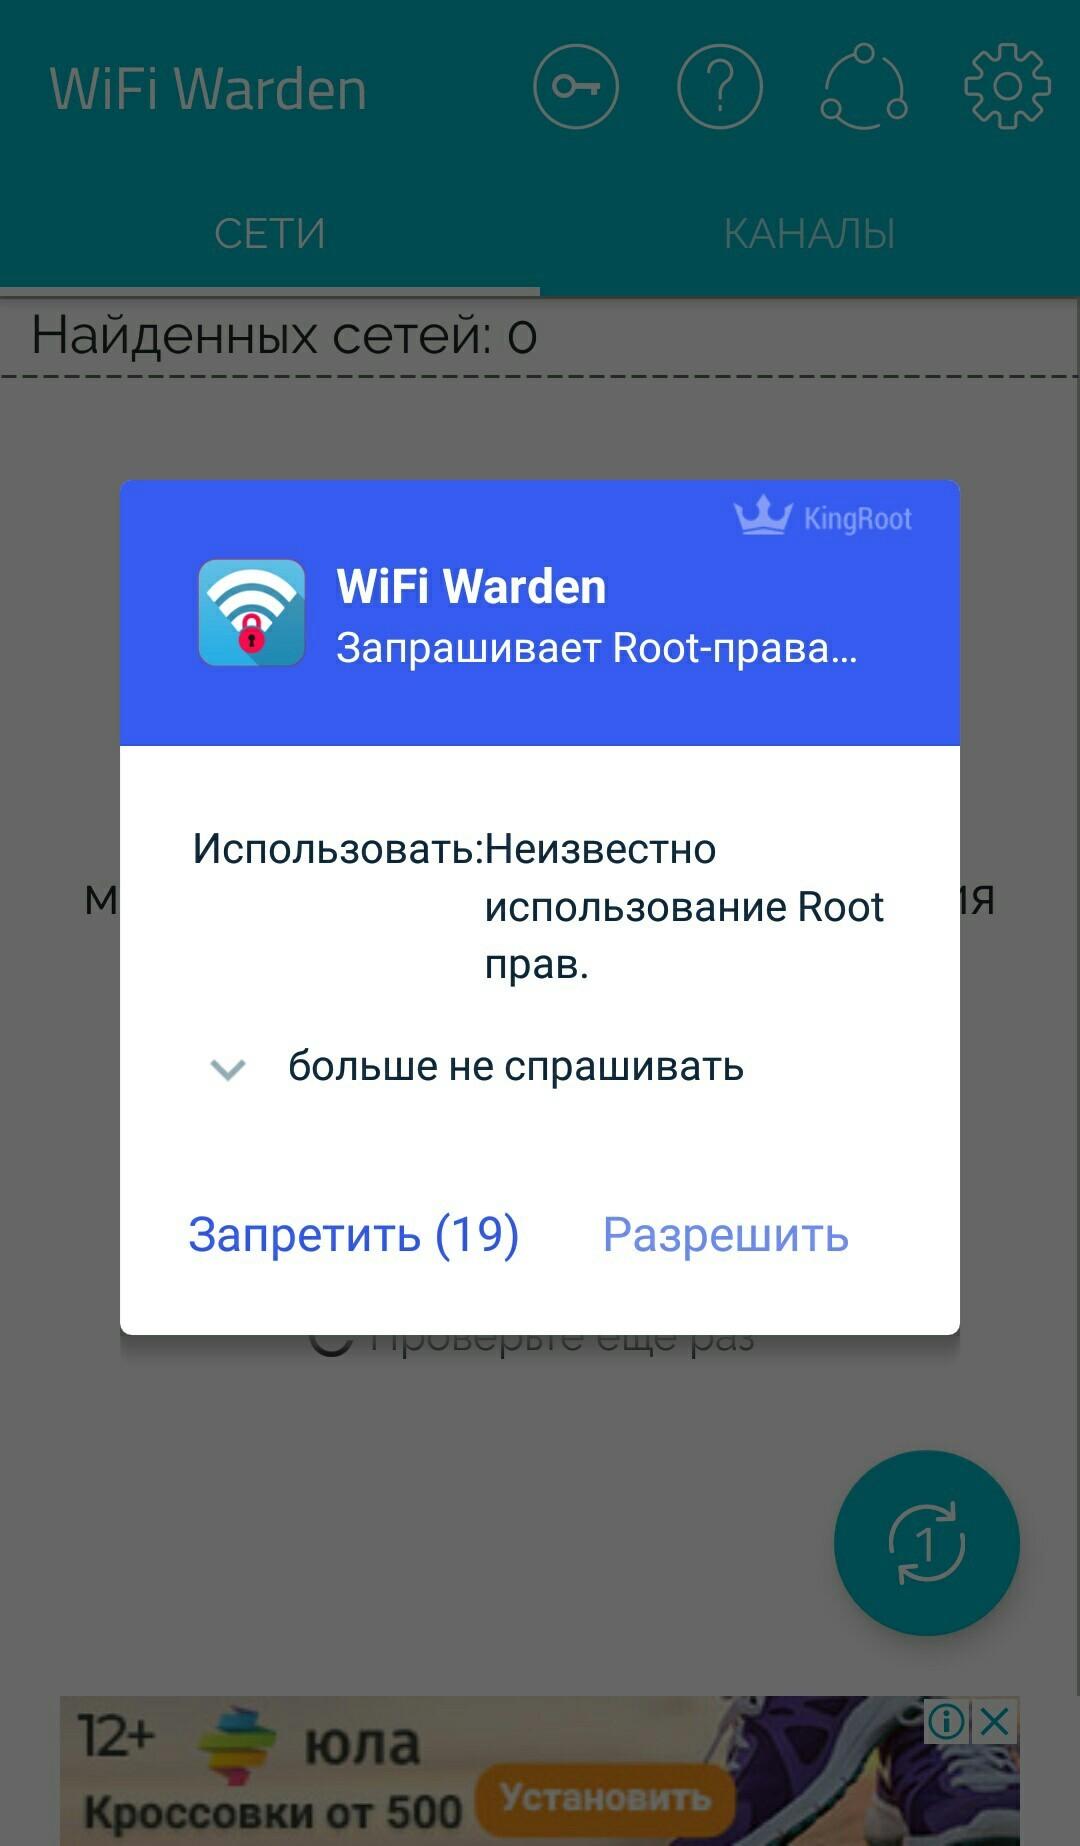 Топовый взлом WI-Fi через WPS (Все ещё актуально - NOFIXED)